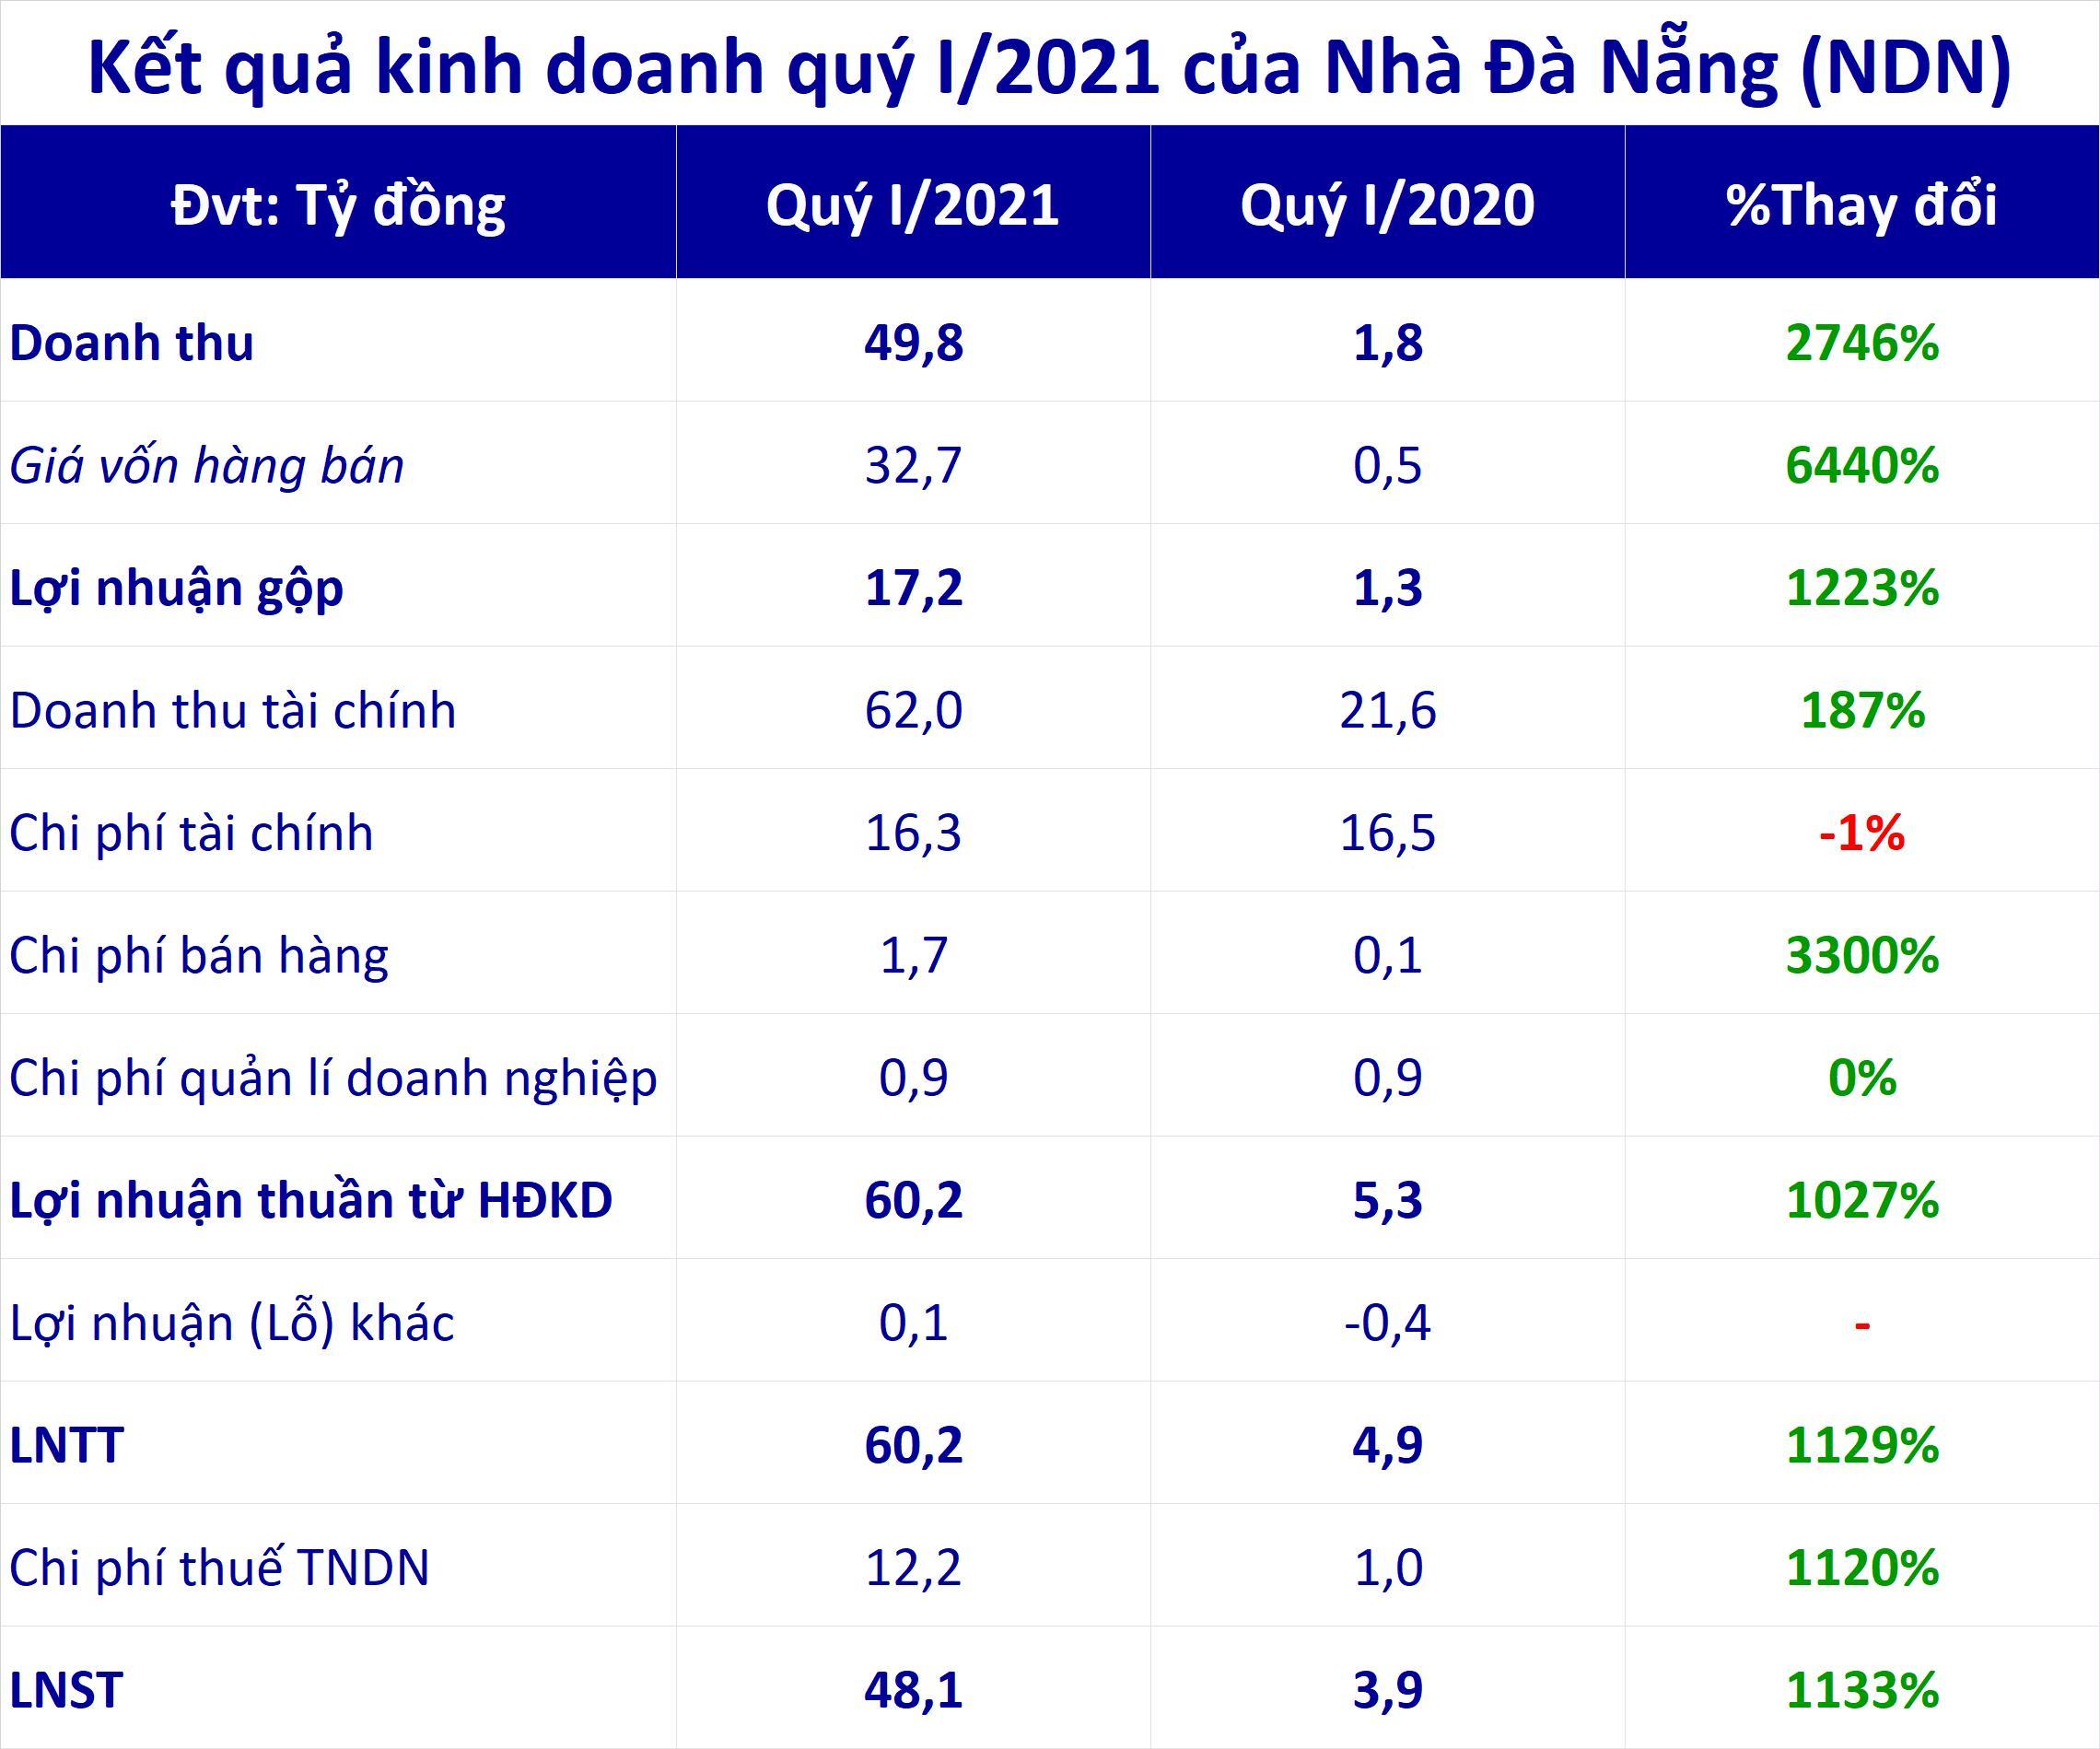 Nhà Đà Nẵng (NDN) bơm thêm gần 200 tỷ đồng mua cổ phiếu, tập trung gom nhiều bluechips - Ảnh 1.